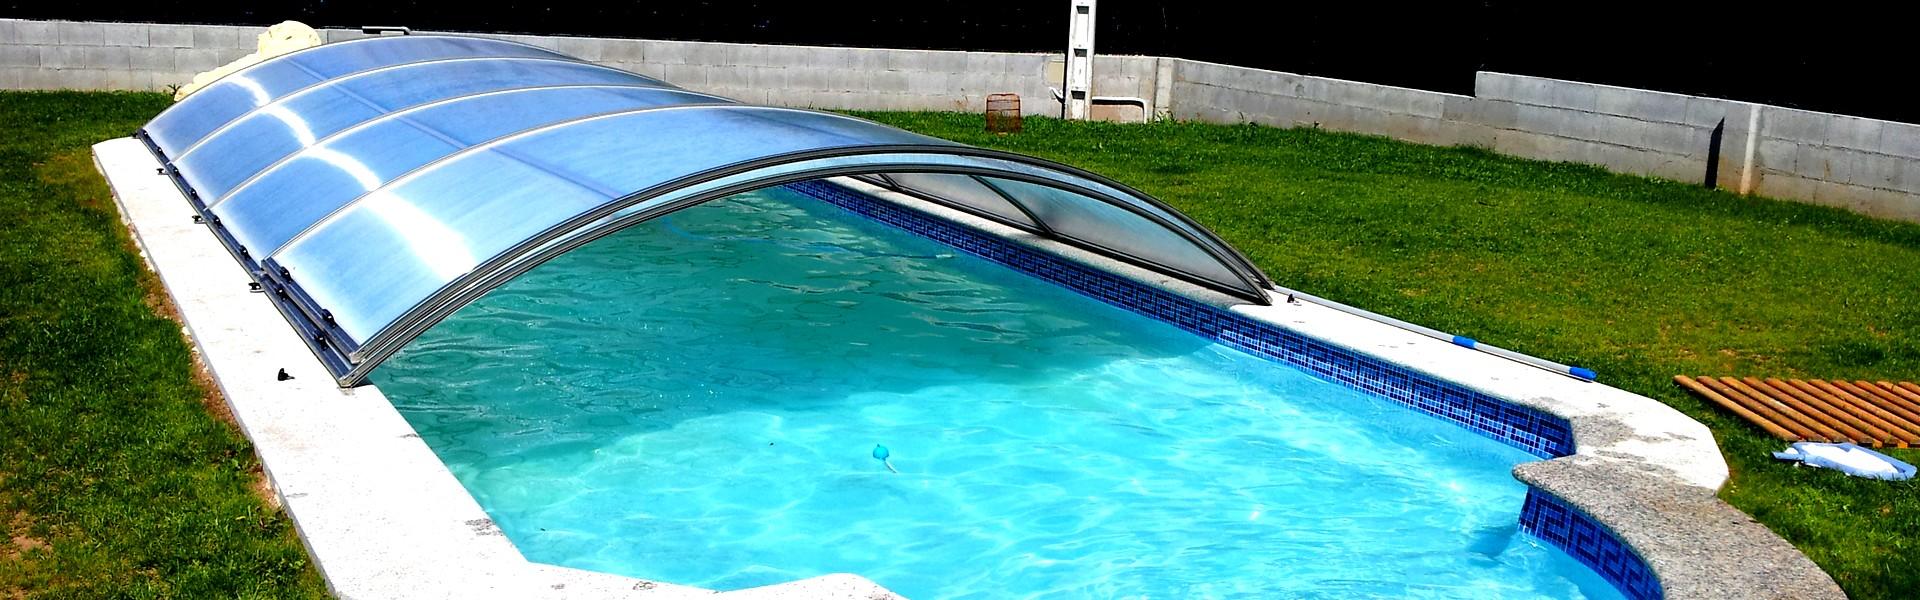 Toldos y lonas villanueva cubiertas para piscinas for Cubiertas de lona para piscinas